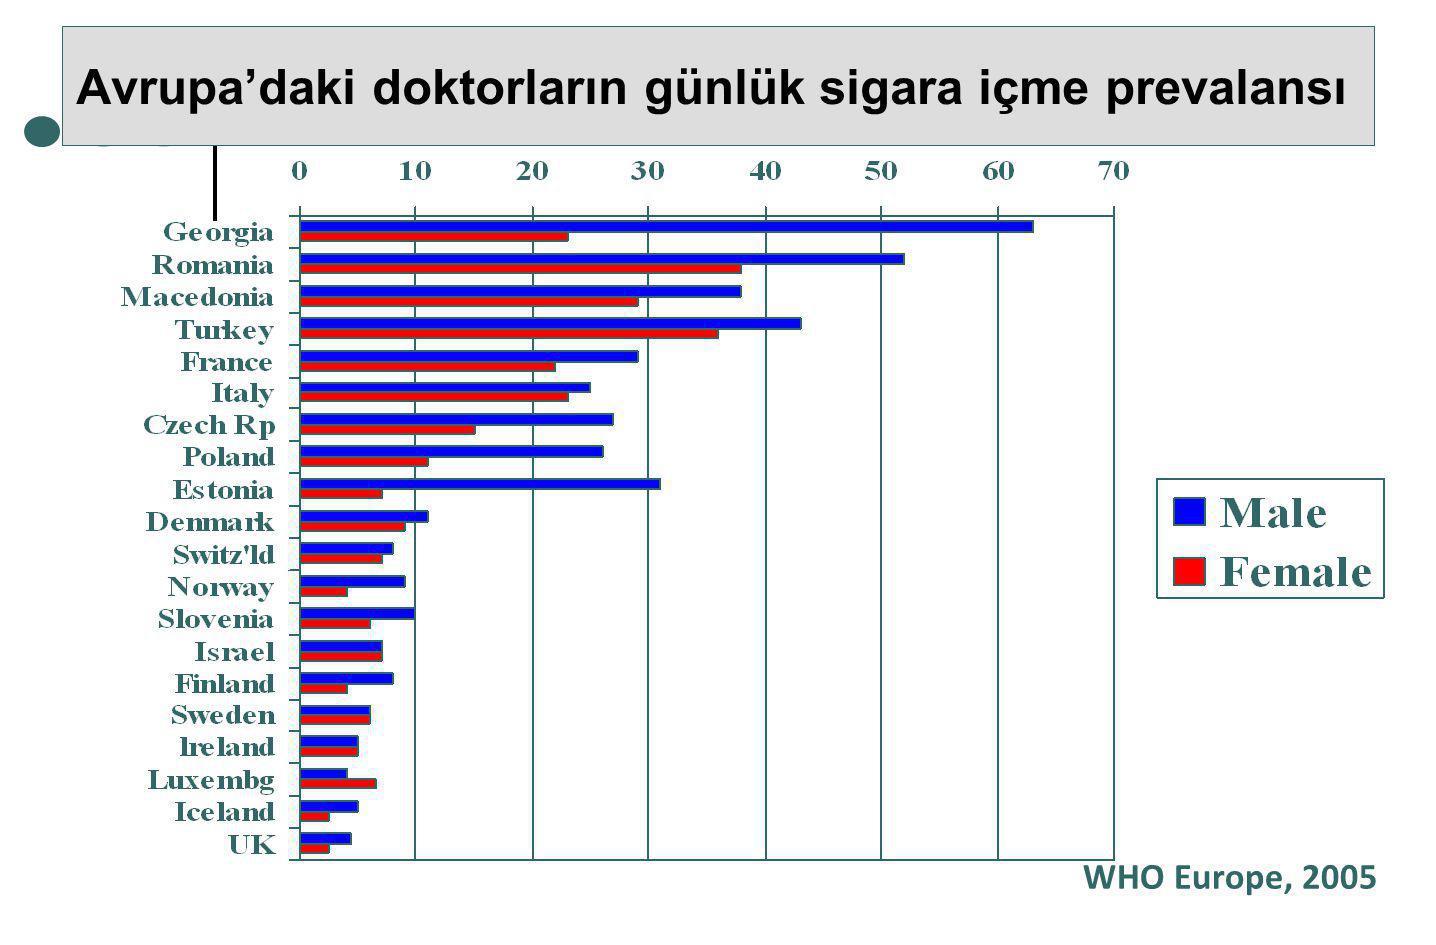 Avrupa'daki doktorların günlük sigara içme prevalansı